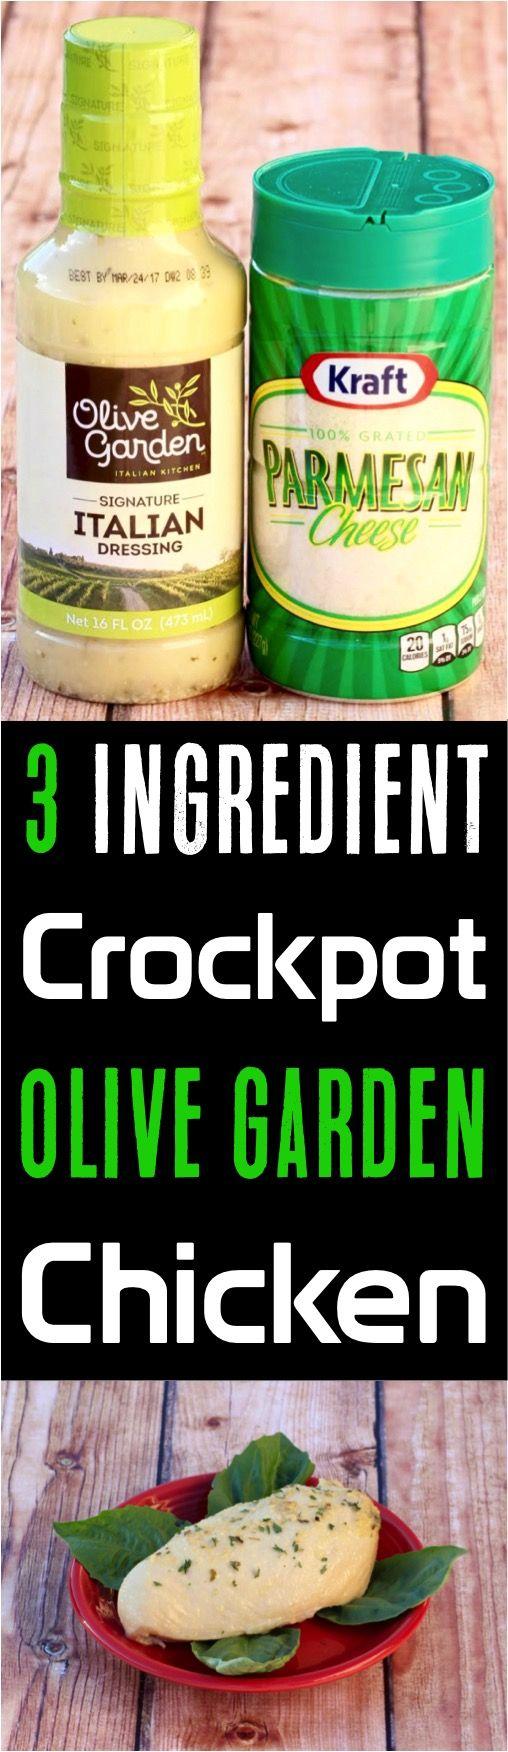 Crockpot Olive Garden Chicken Recipe! {3 Ingredients